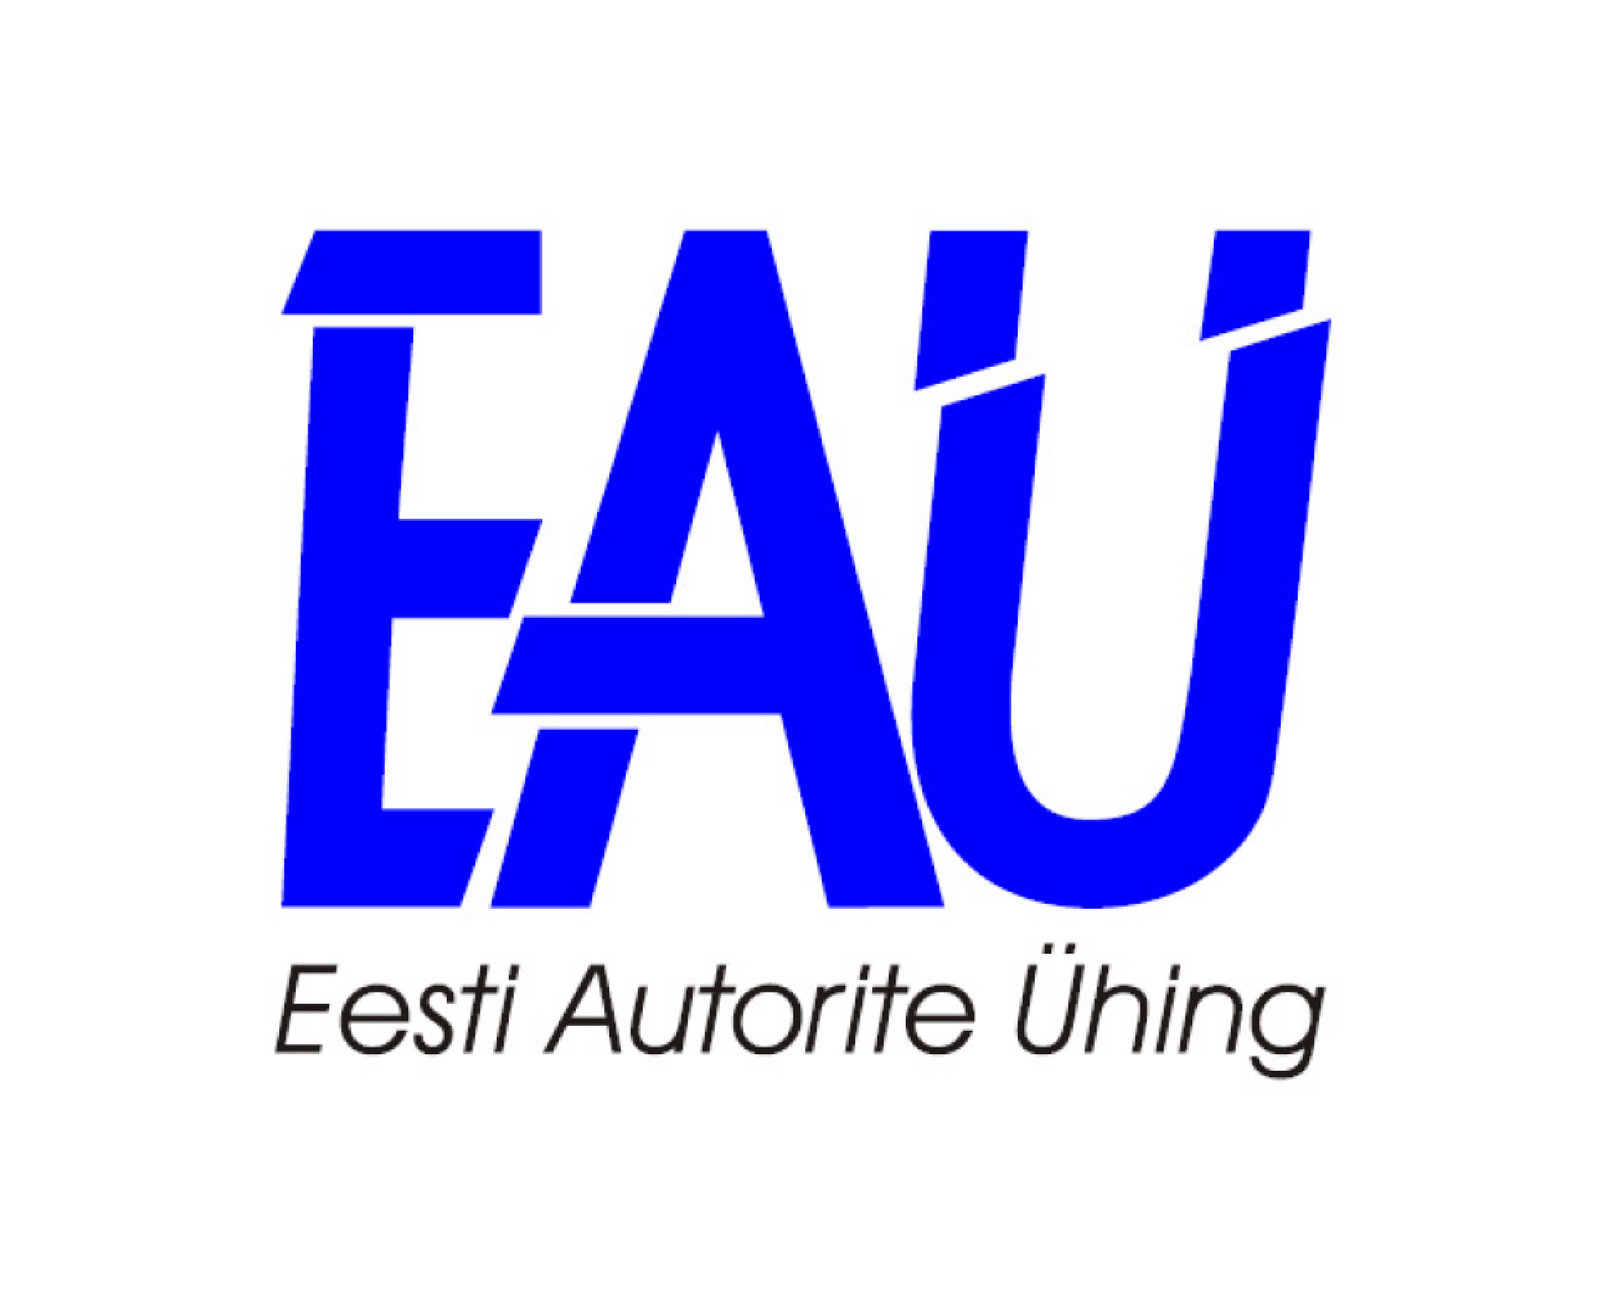 Eesti Autorite ühing